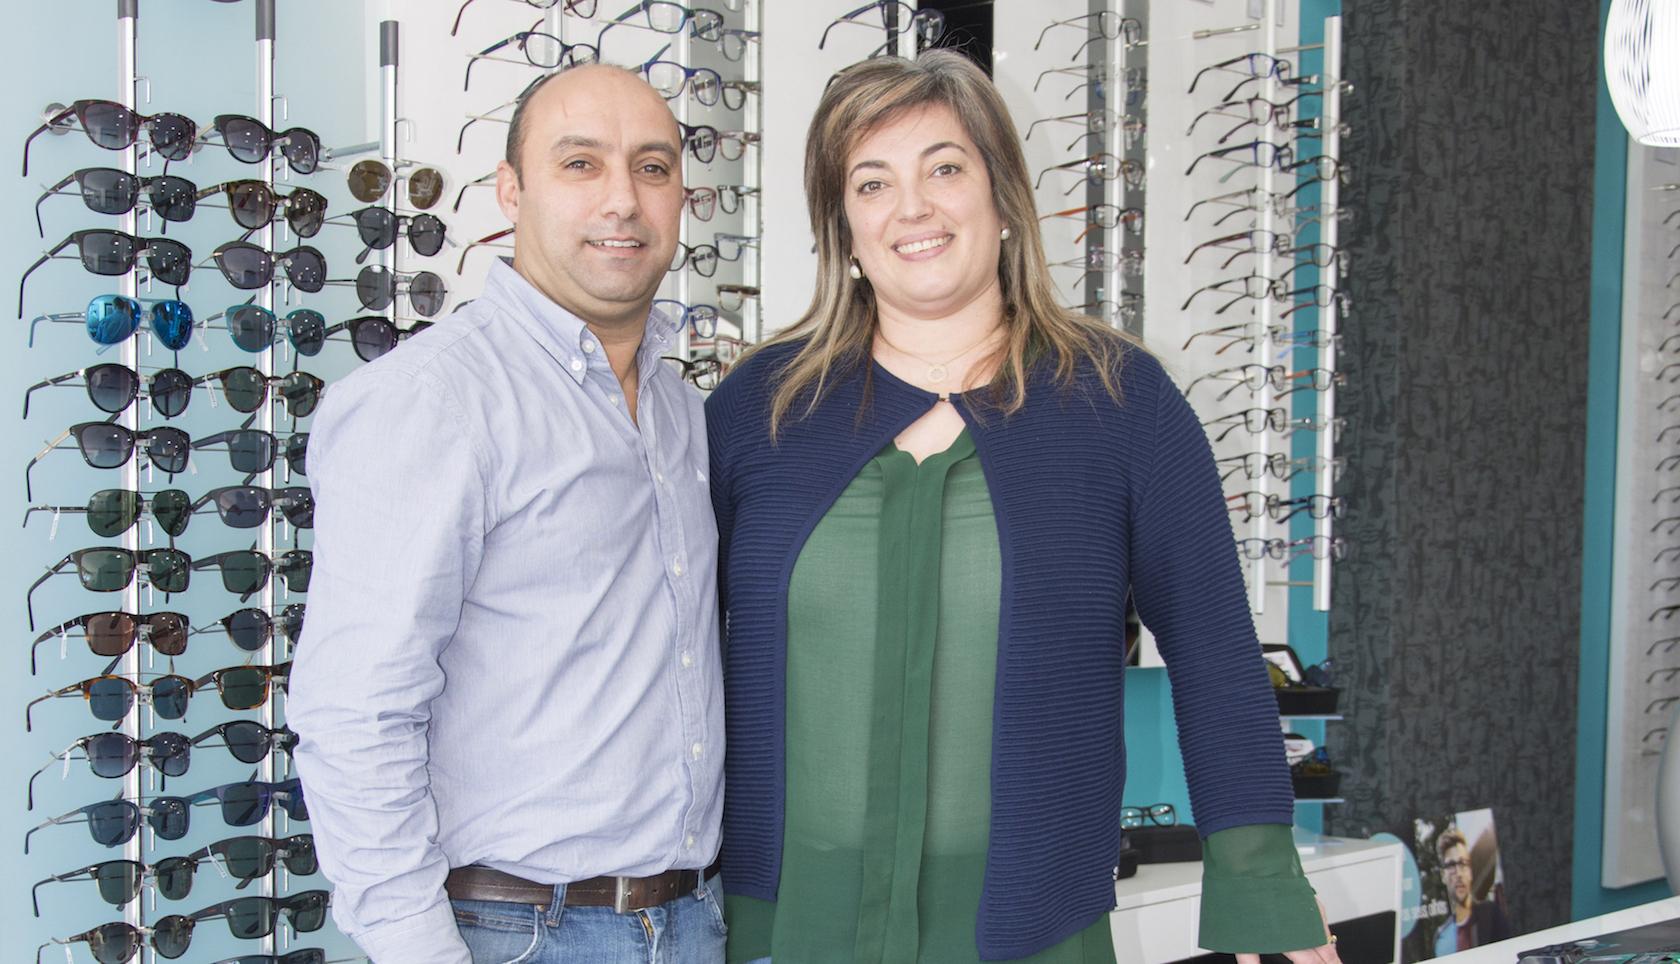 Imagem da notícia: António Almeida e Ana Paula Verdade, um casal empreendedor